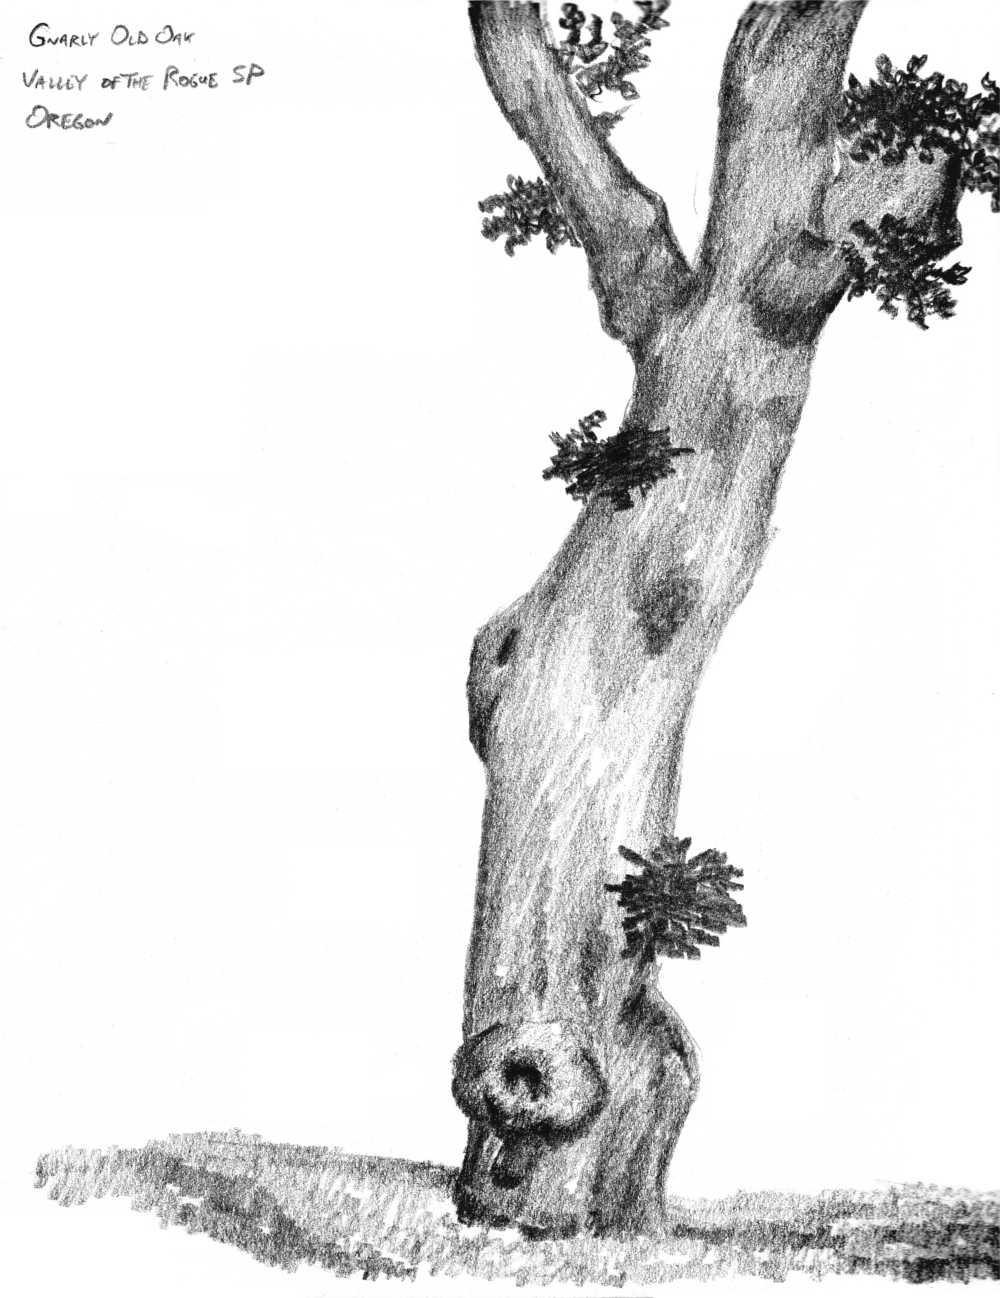 charcoal sketch of oak tree